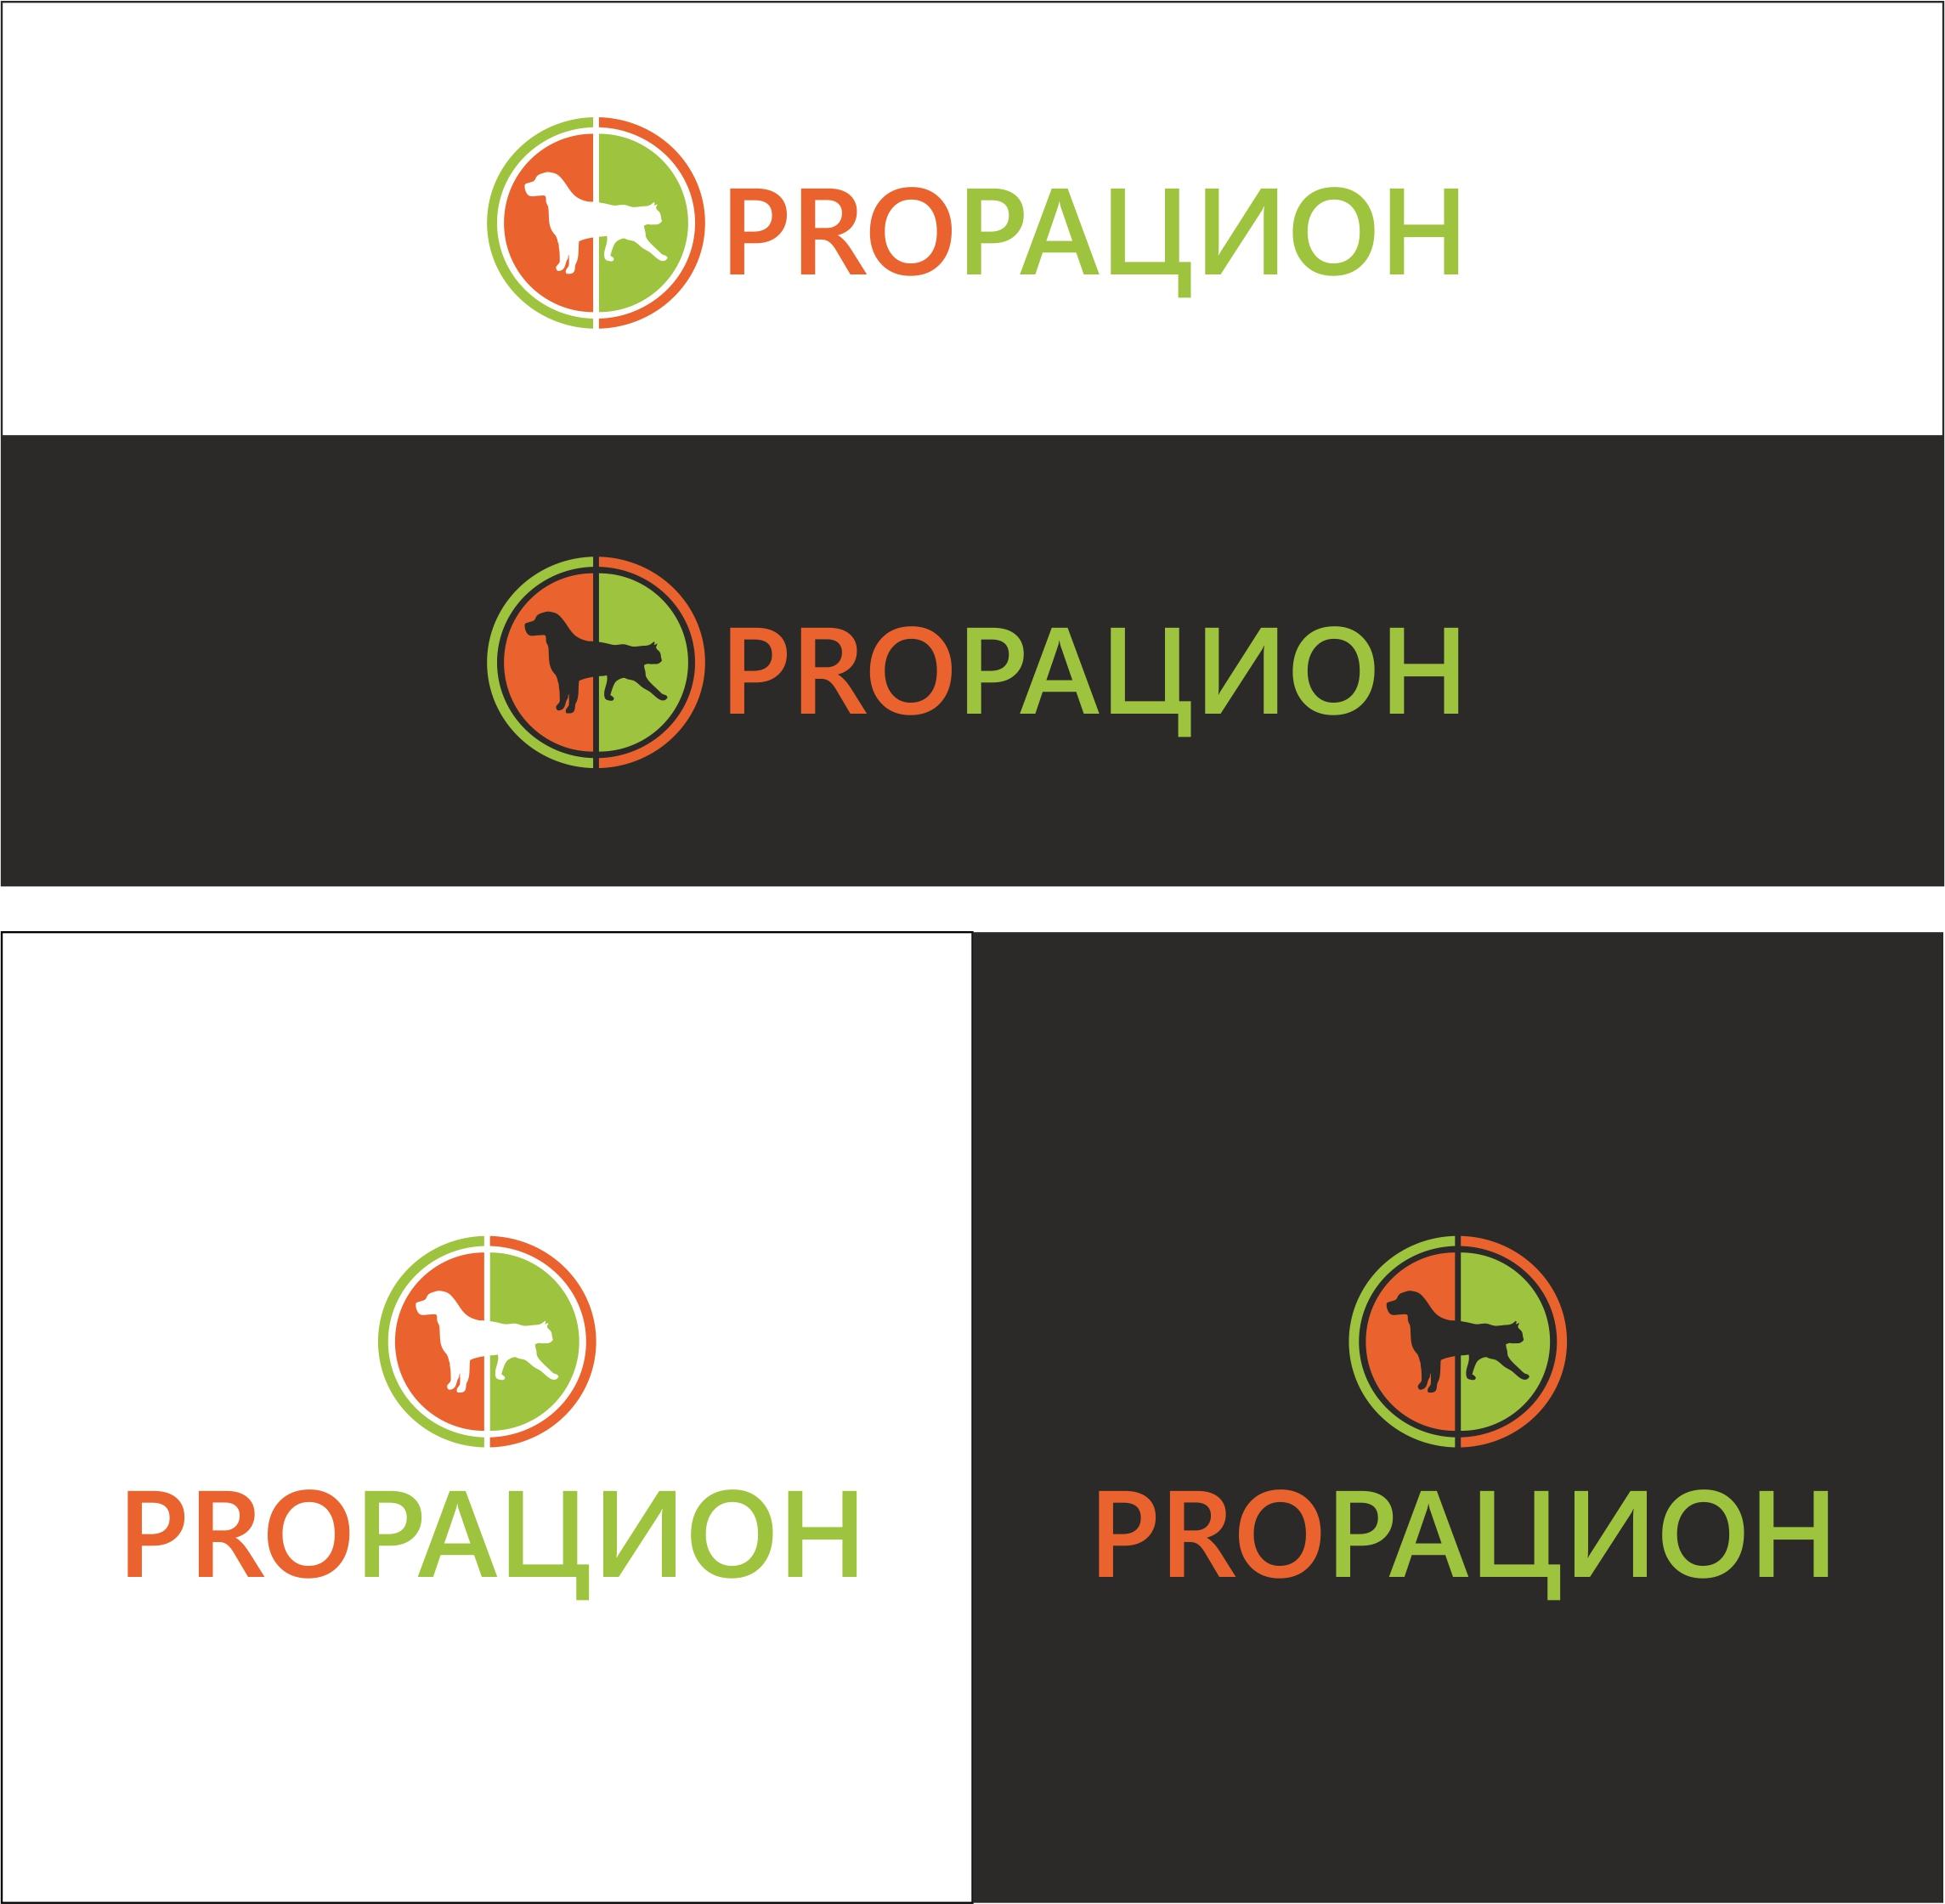 Создать логотип для производственной компании фото f_6545d945df9d48cf.jpg